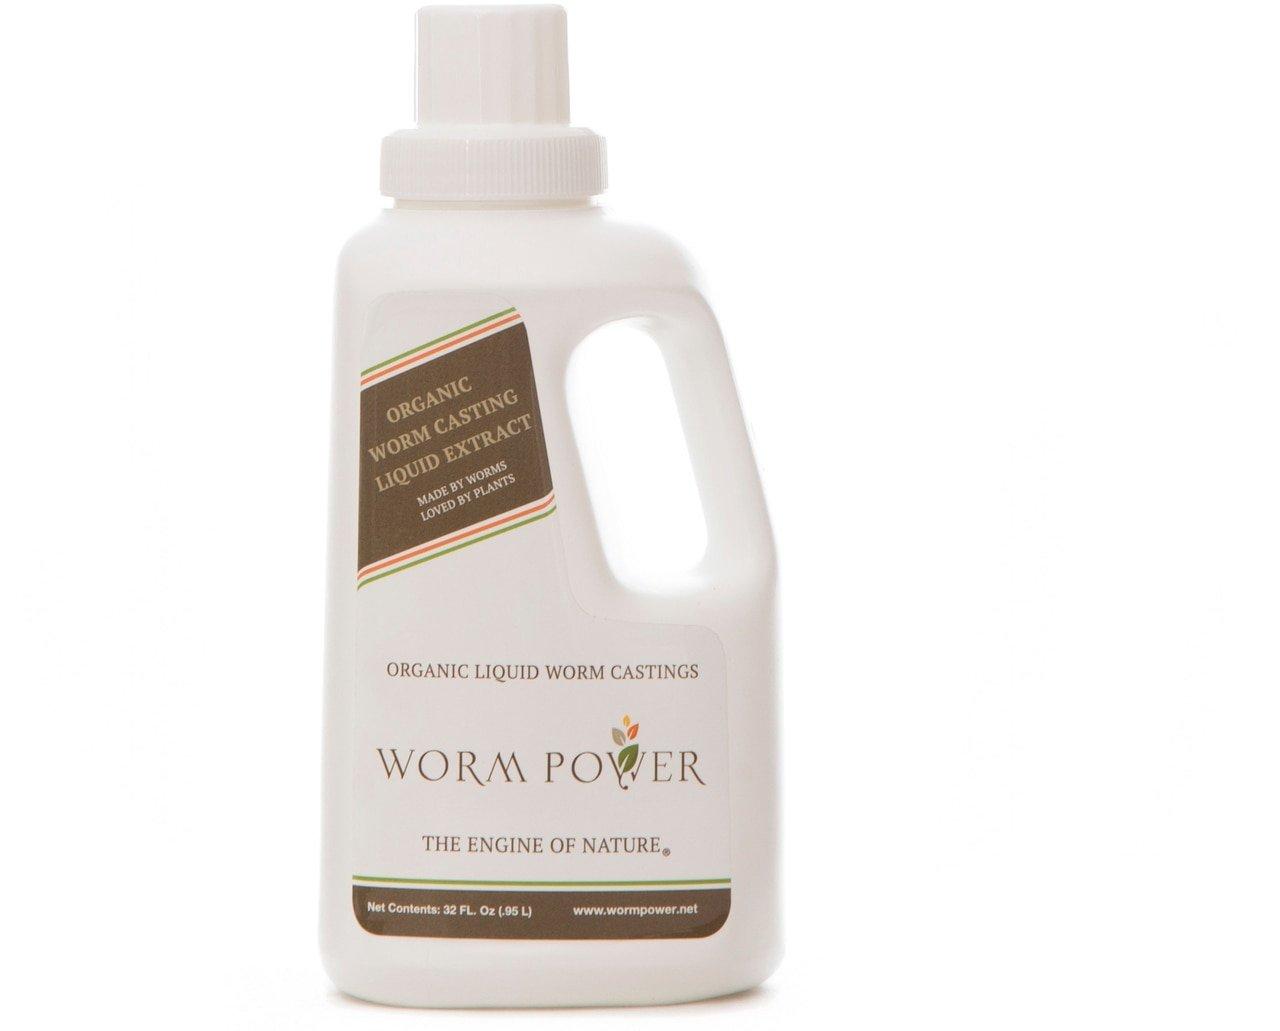 Worm Power Liquid Extract, 32 oz